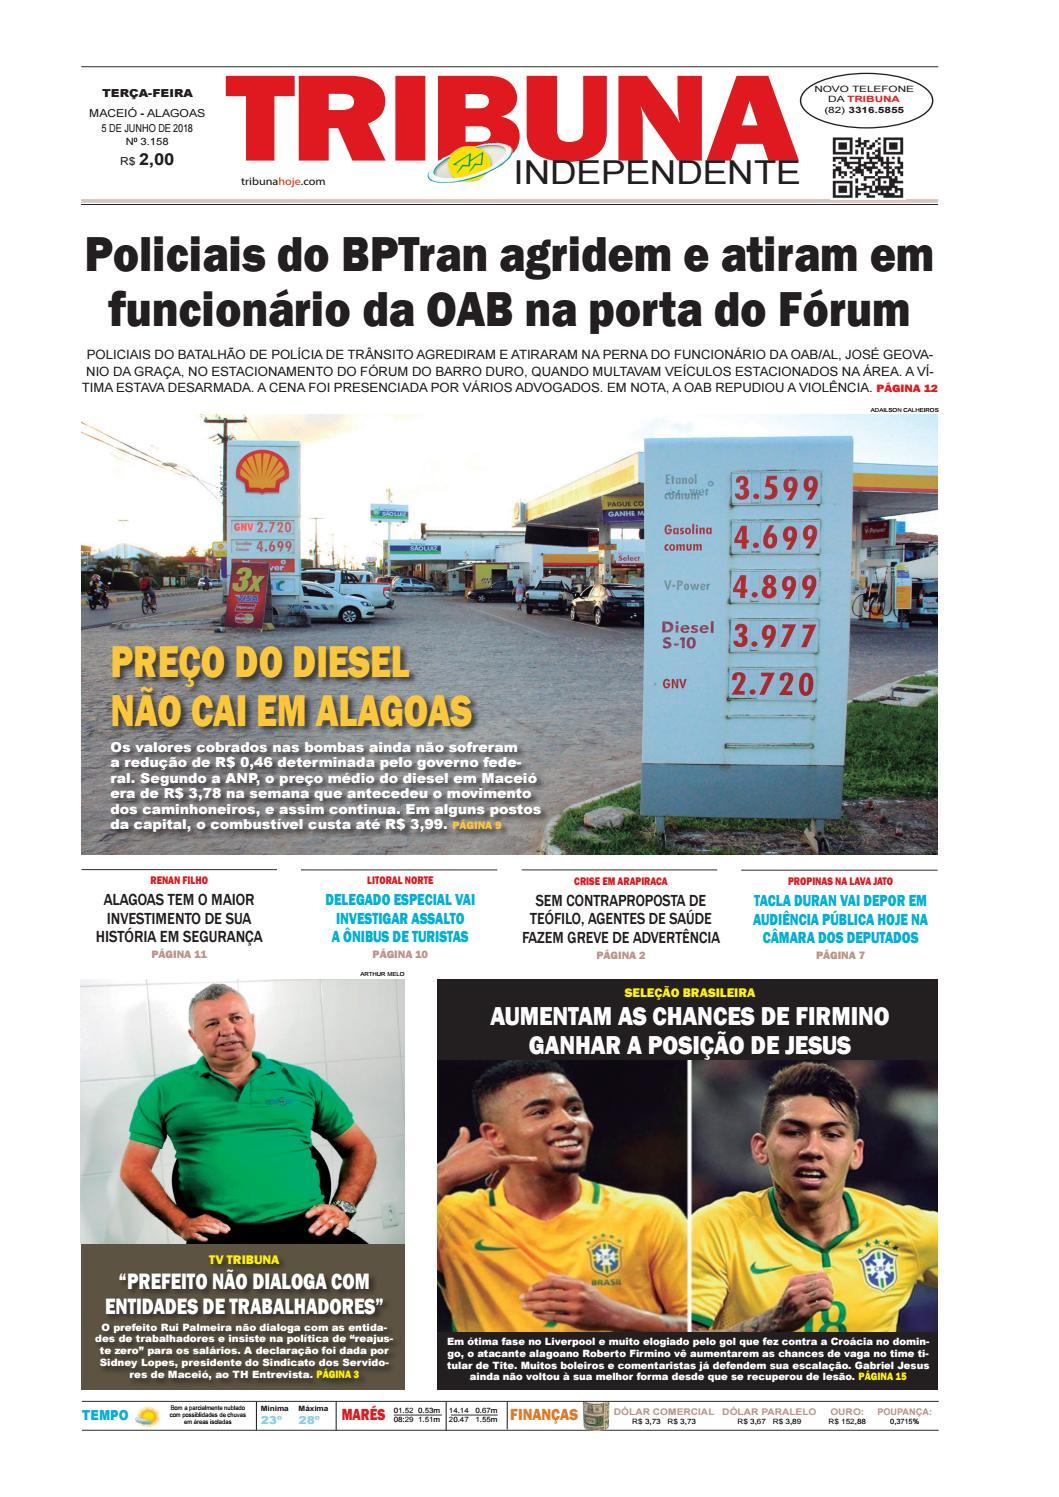 0e1131a36 Edição número 3158 - 5 de junho de 2018 by Tribuna Hoje - issuu